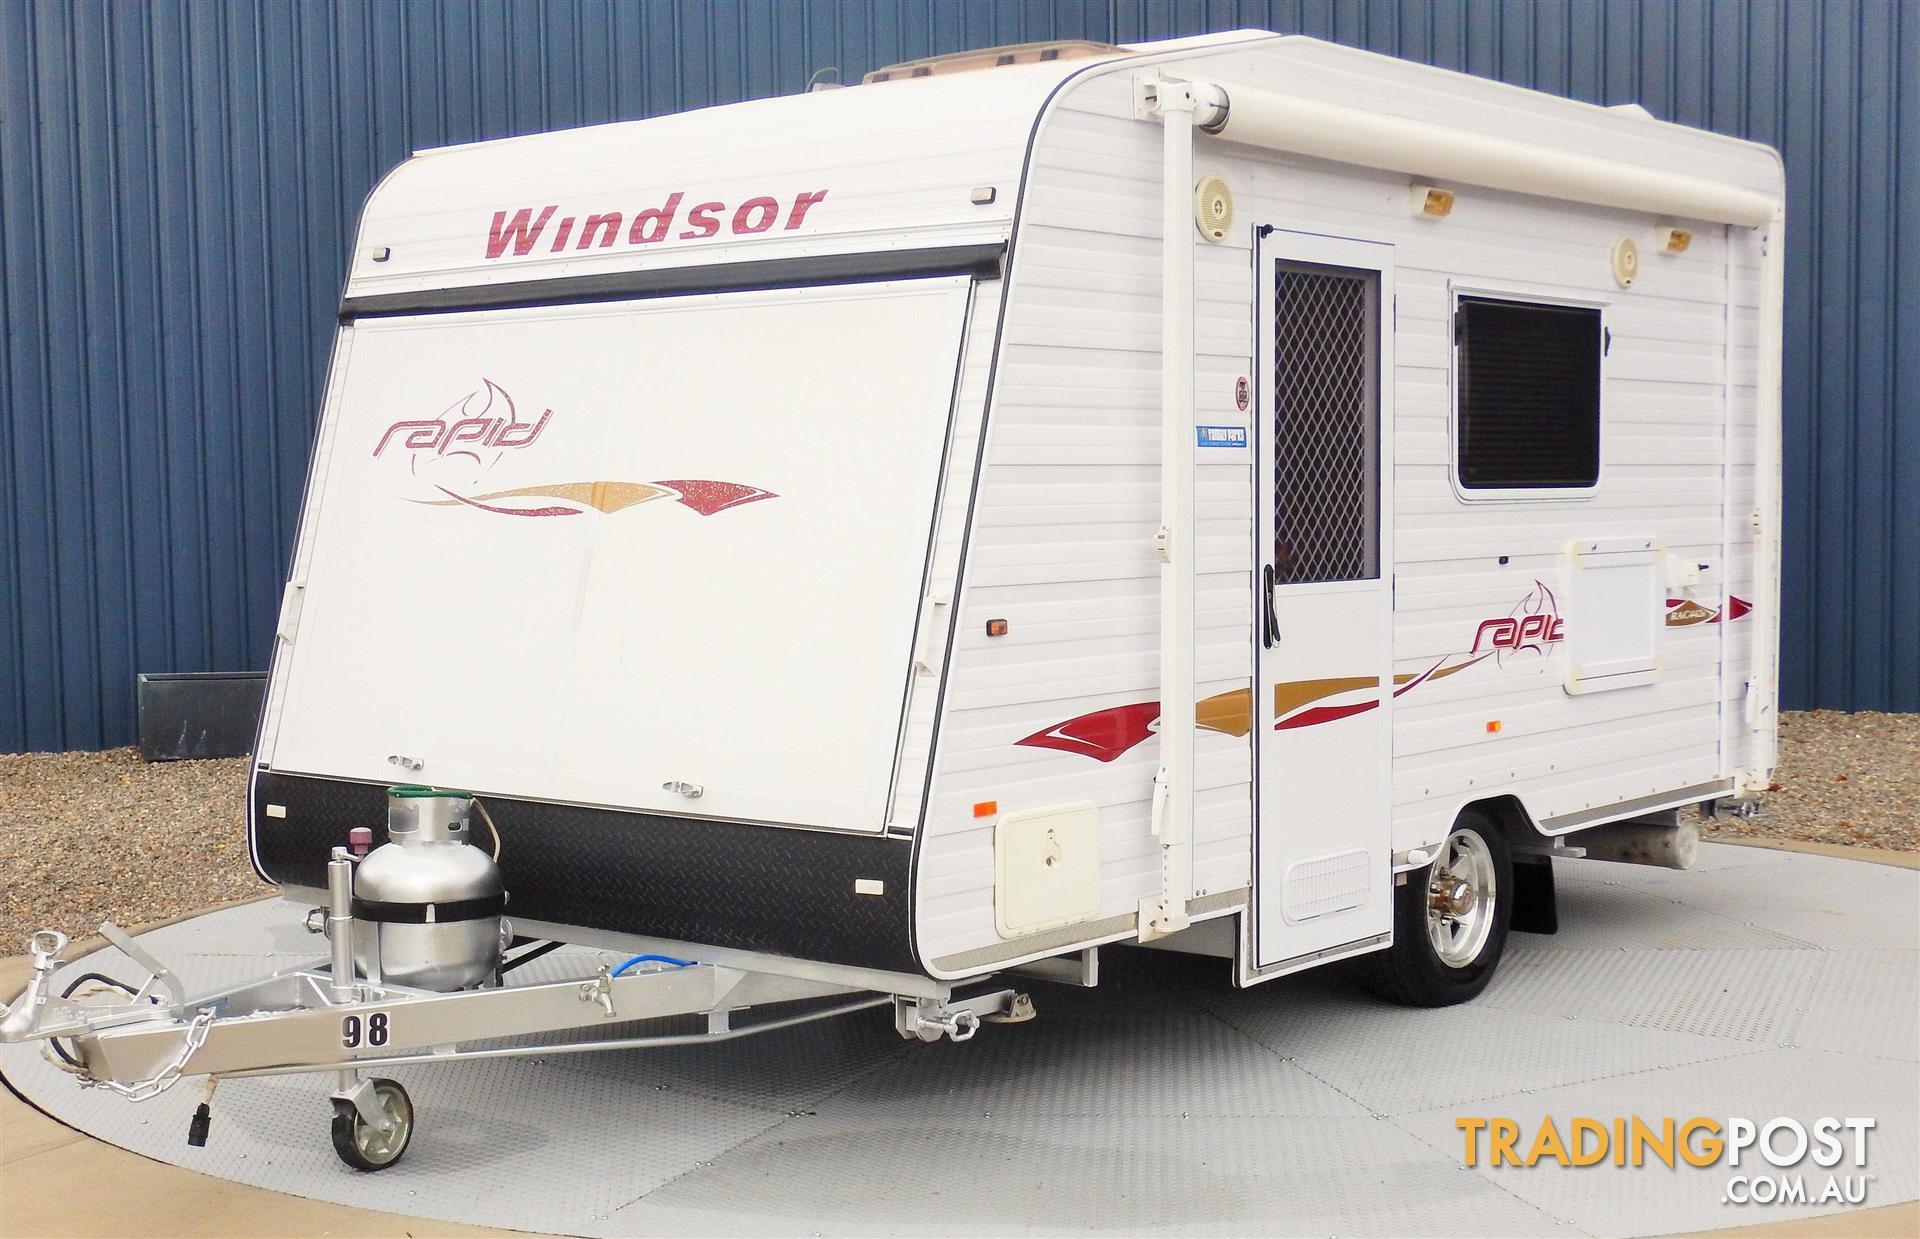 Windsor Rapid Caravan Wiring Diagram Diagrams 2008 Full 98 On Sale For Simple 3 Way